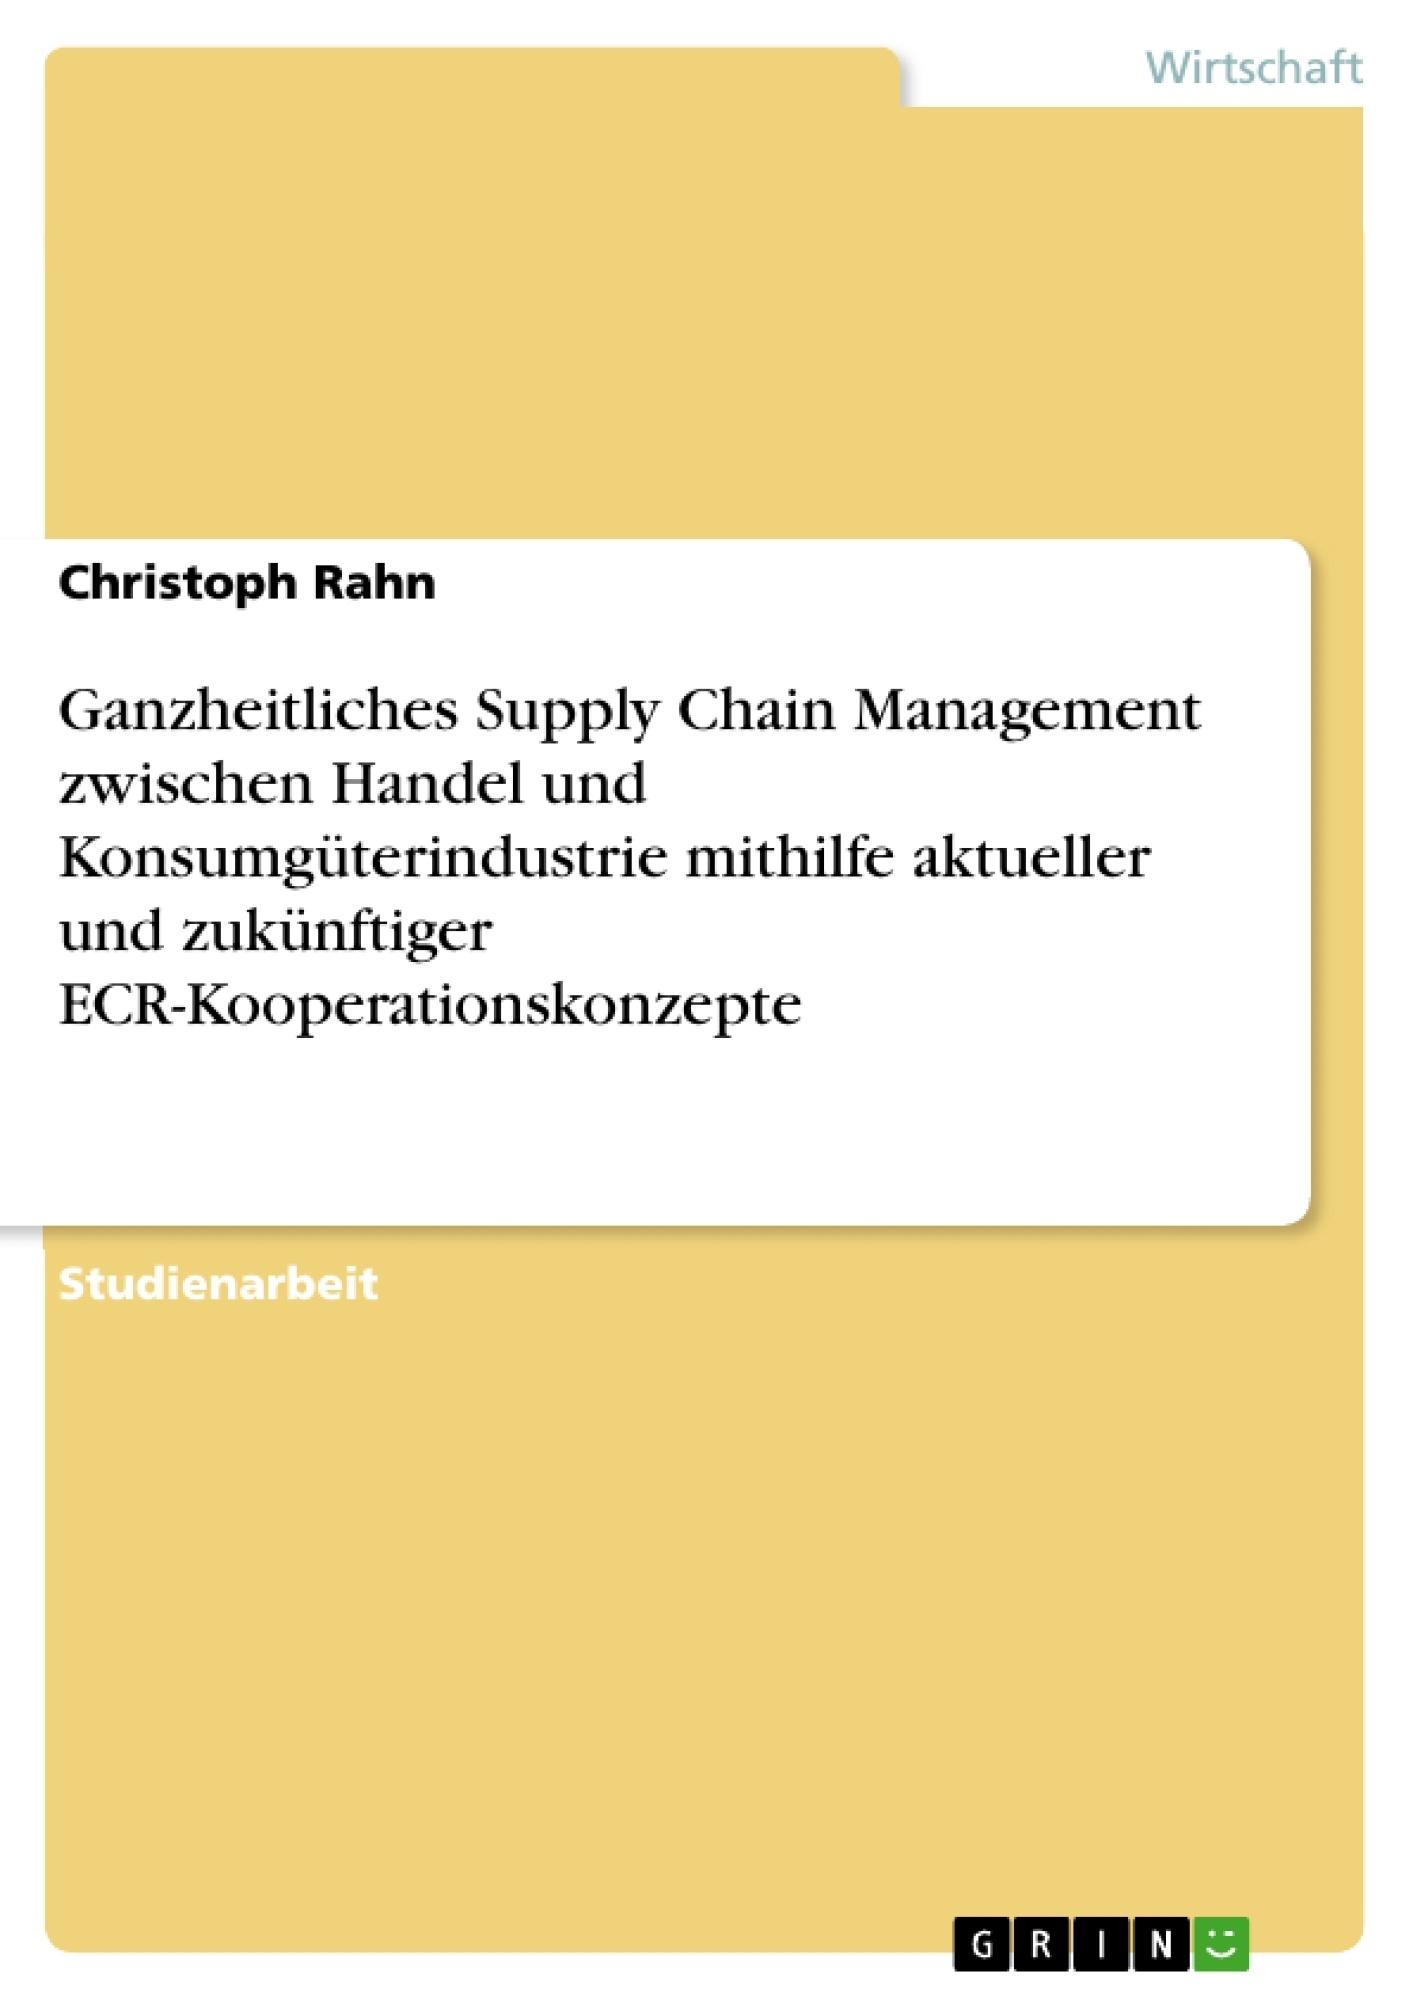 Titel: Ganzheitliches Supply Chain Management zwischen Handel und Konsumgüterindustrie mithilfe aktueller und zukünftiger ECR-Kooperationskonzepte